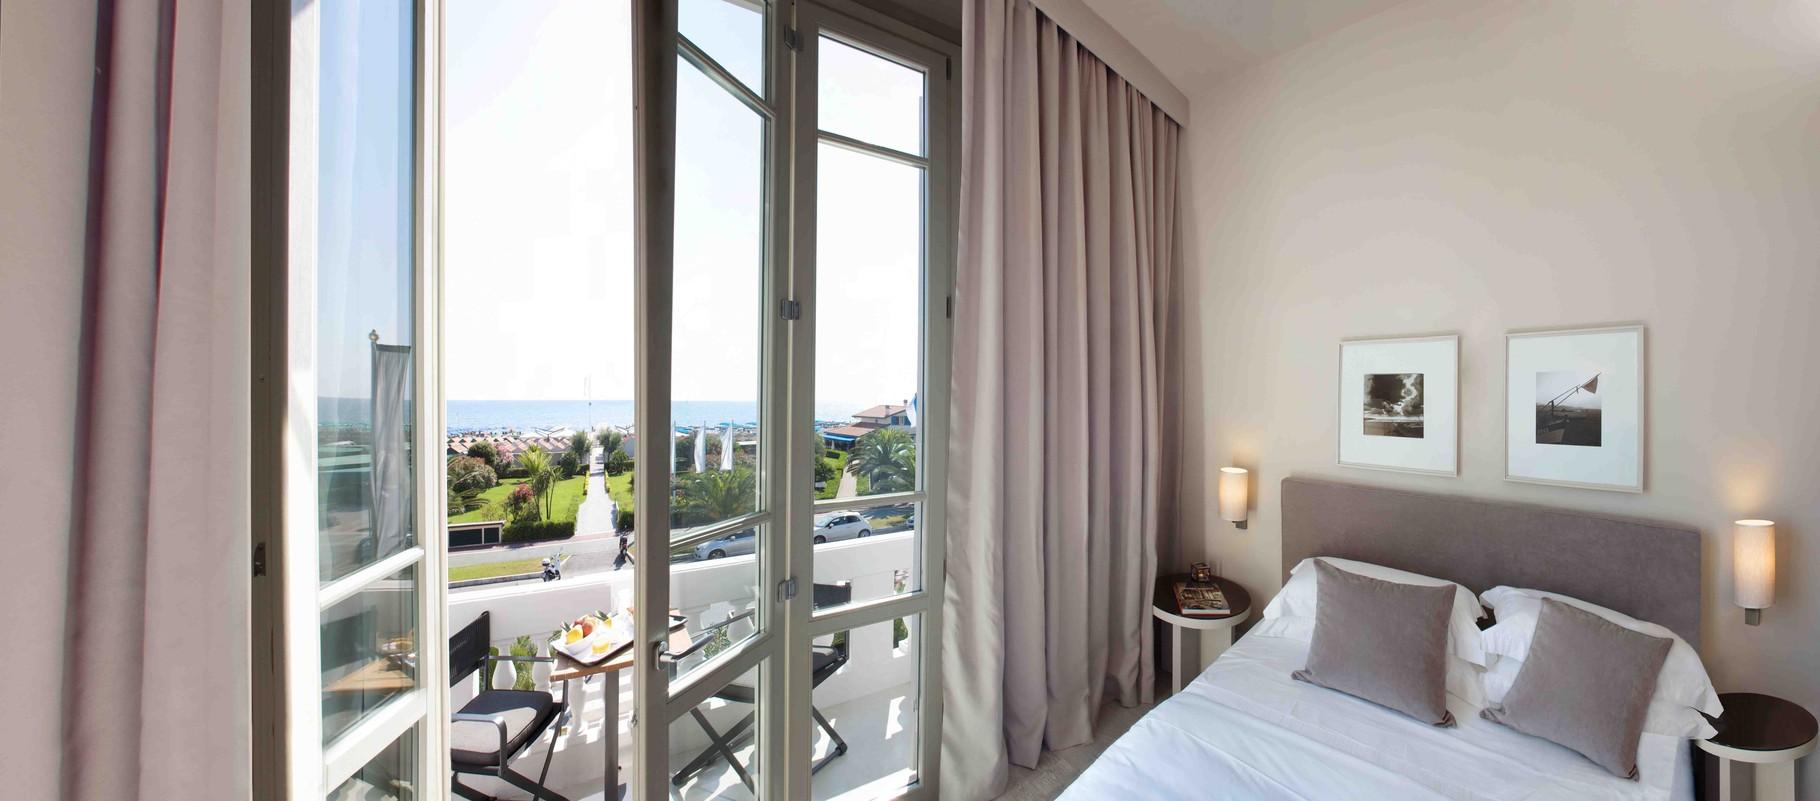 Modern gestylte Zimmer des Boutiquehotels Villa Grey.